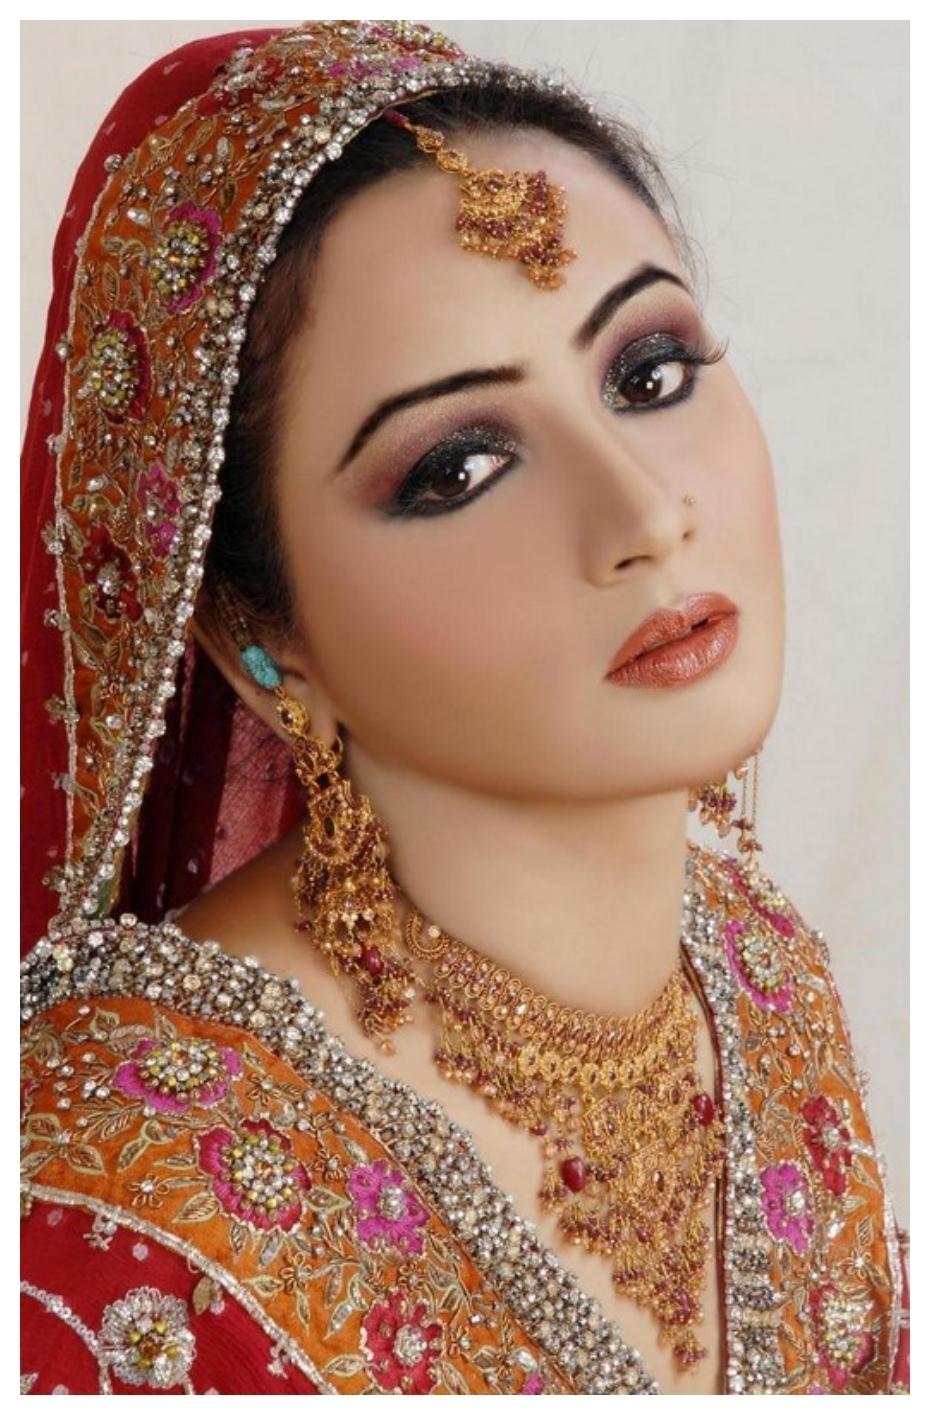 bridal makeup pics pakistani 2013 – wavy haircut